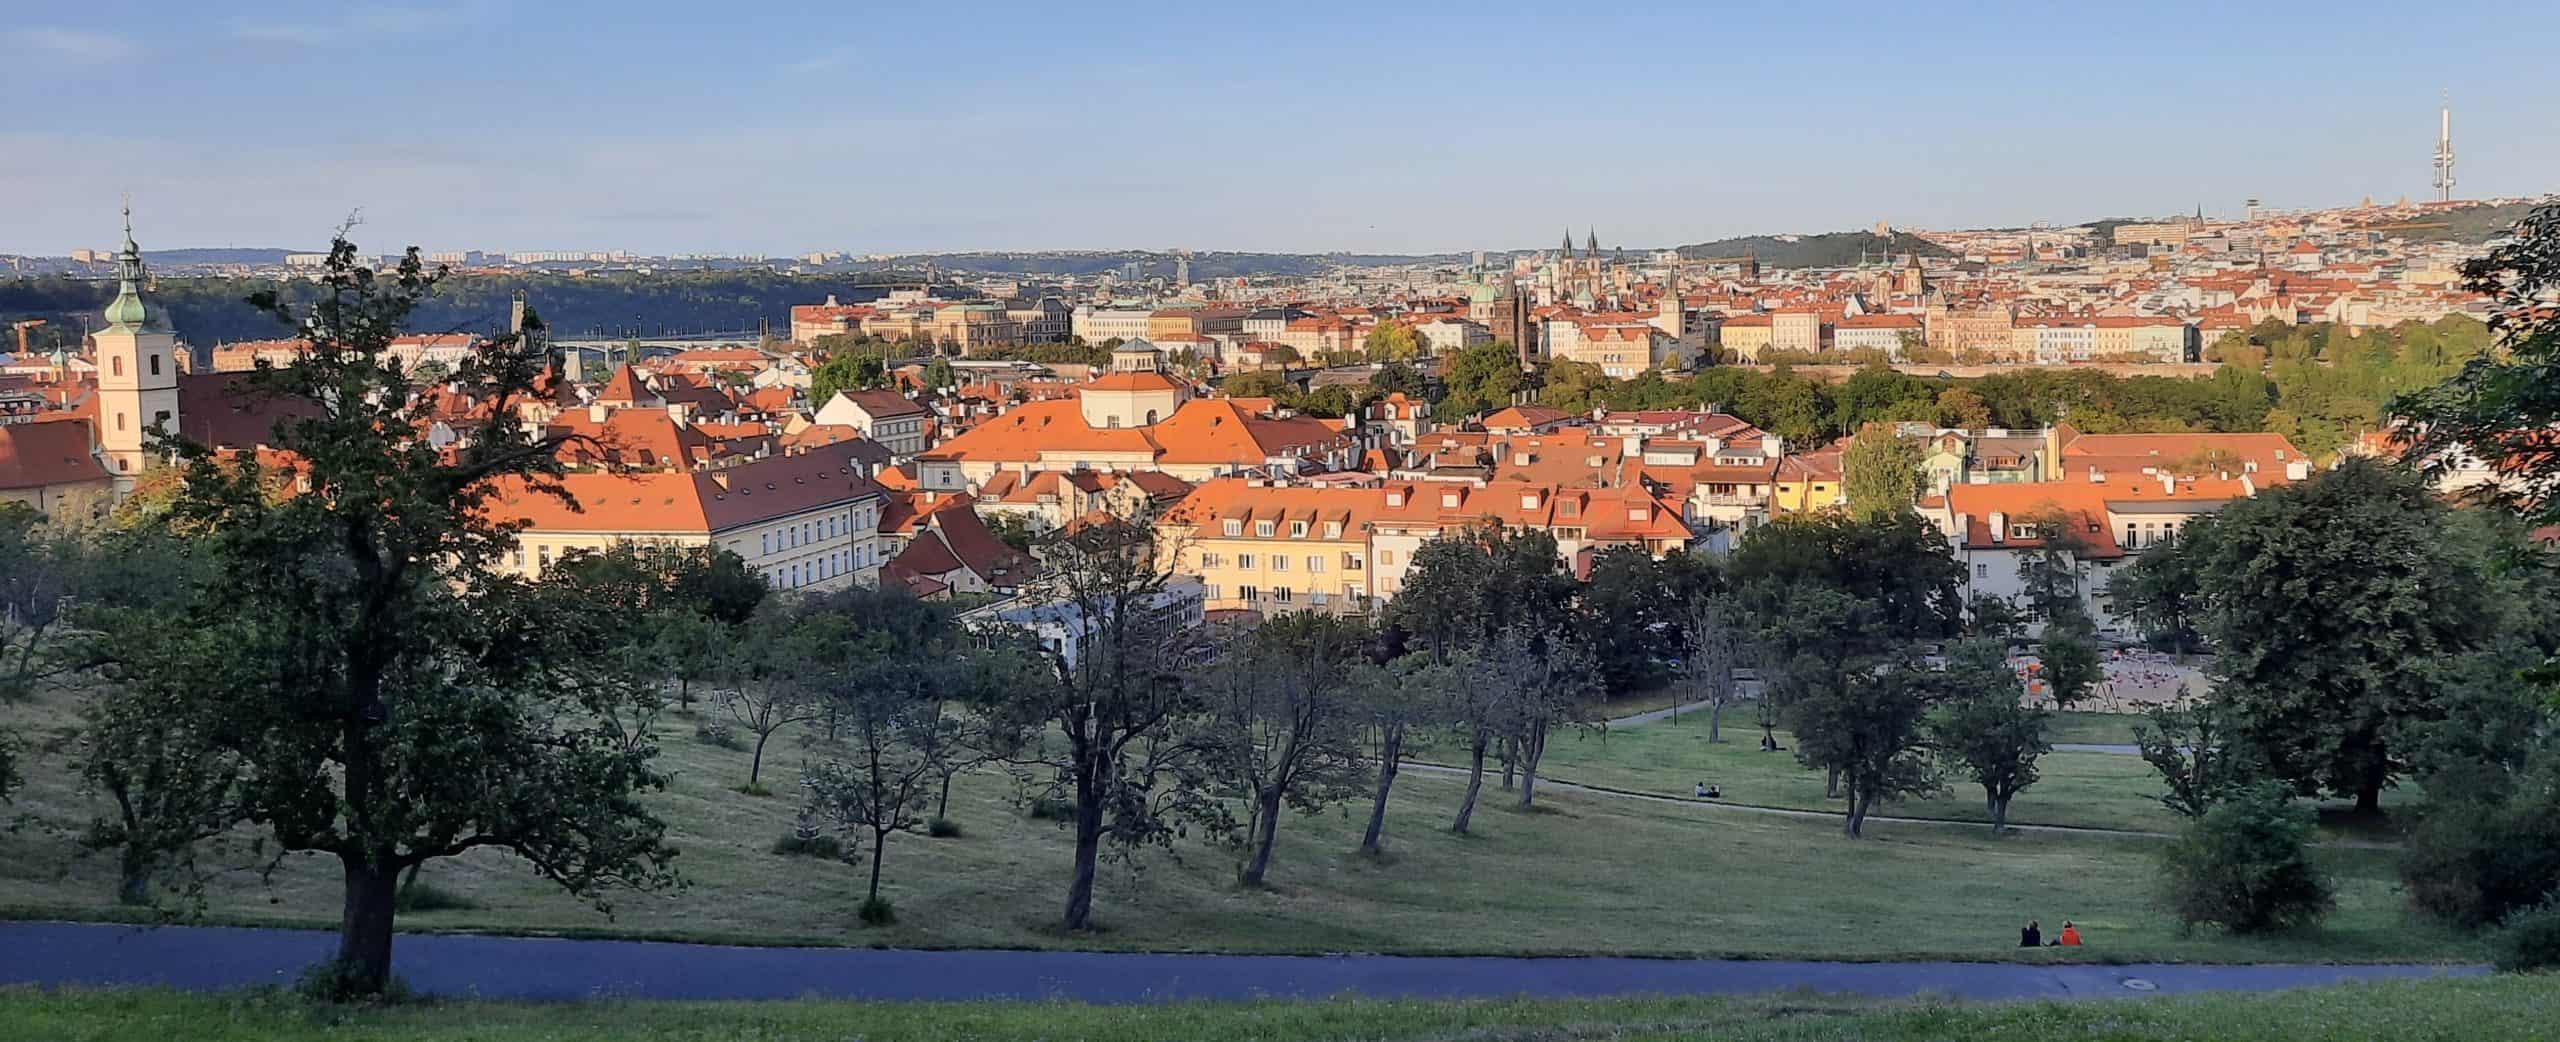 Výlet do Prahy: ubytování pro rodiny s dětmi v Praze